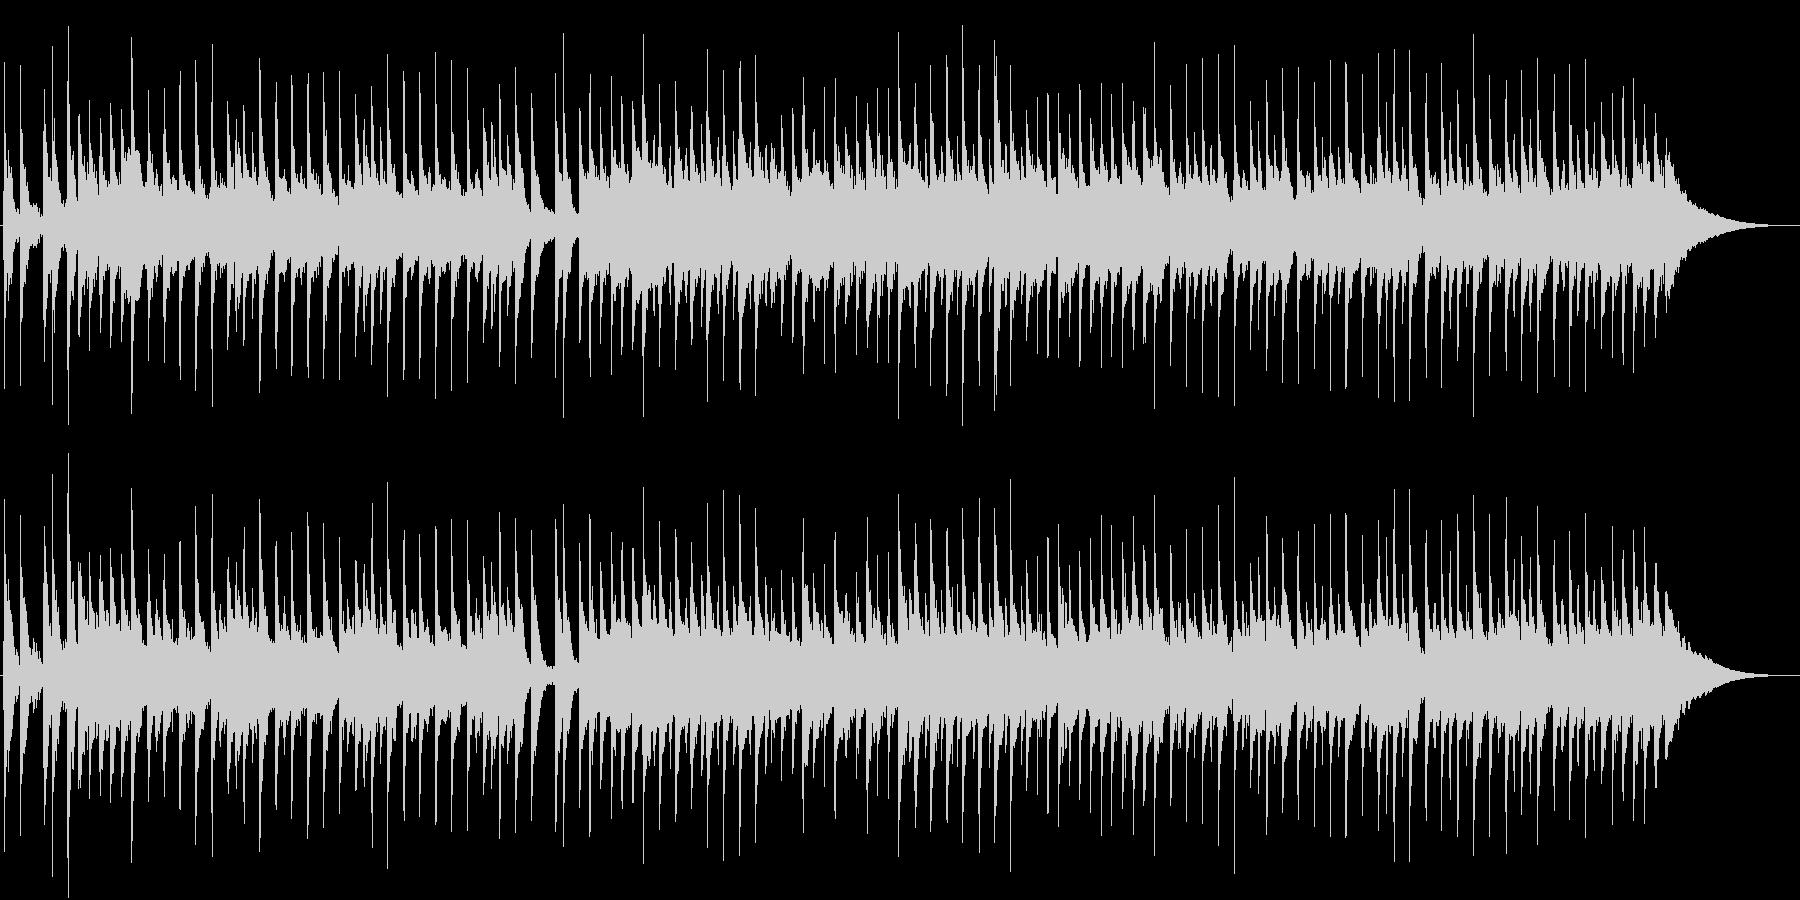 リズムが盛り沢山なワクワクするポップスの未再生の波形